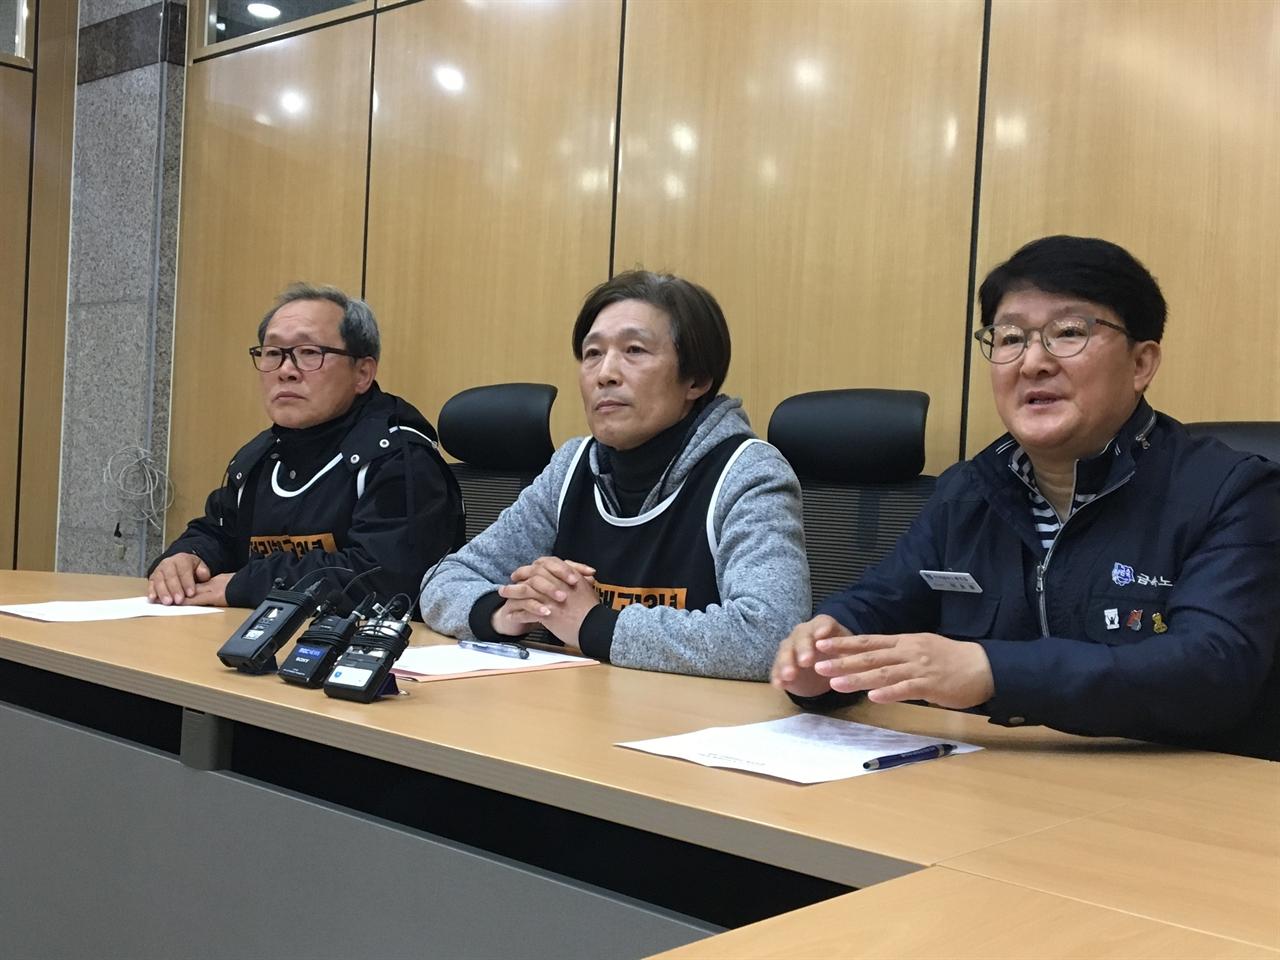 15일, 콜텍 노사가 교섭을 재개했다. (왼쪽부터 콜텍 지회 김경봉 조합원, 이인근 지회장, 이승렬 금속노조 부위원장)